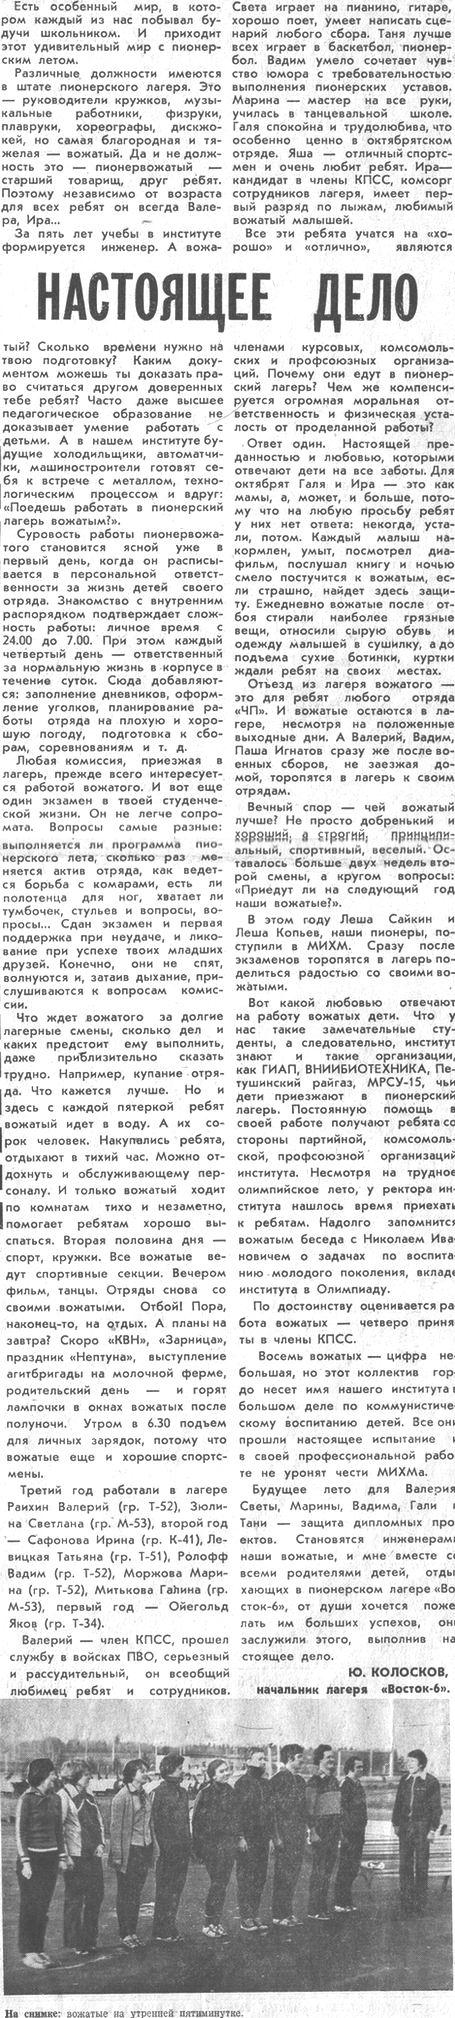 Пионерский лагерь МИХМа «Восток-6»,статья о михмачах-вожатых (1980)